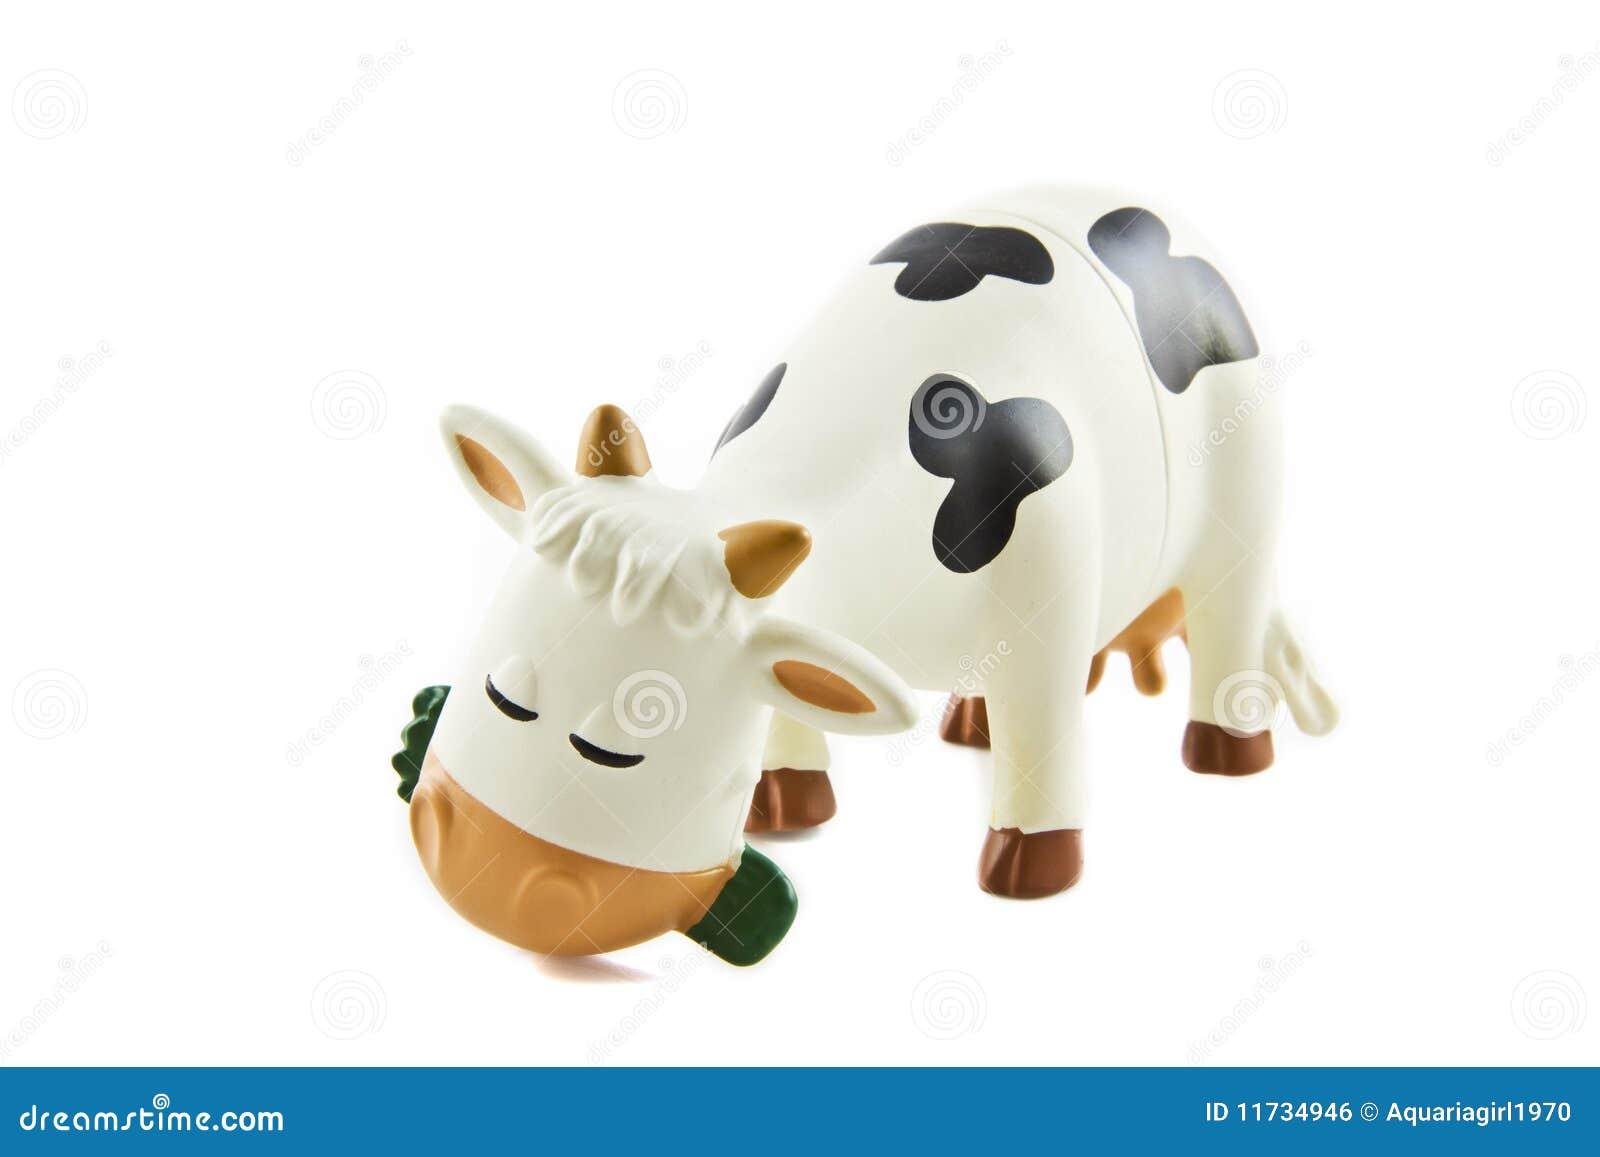 Krowa urocza